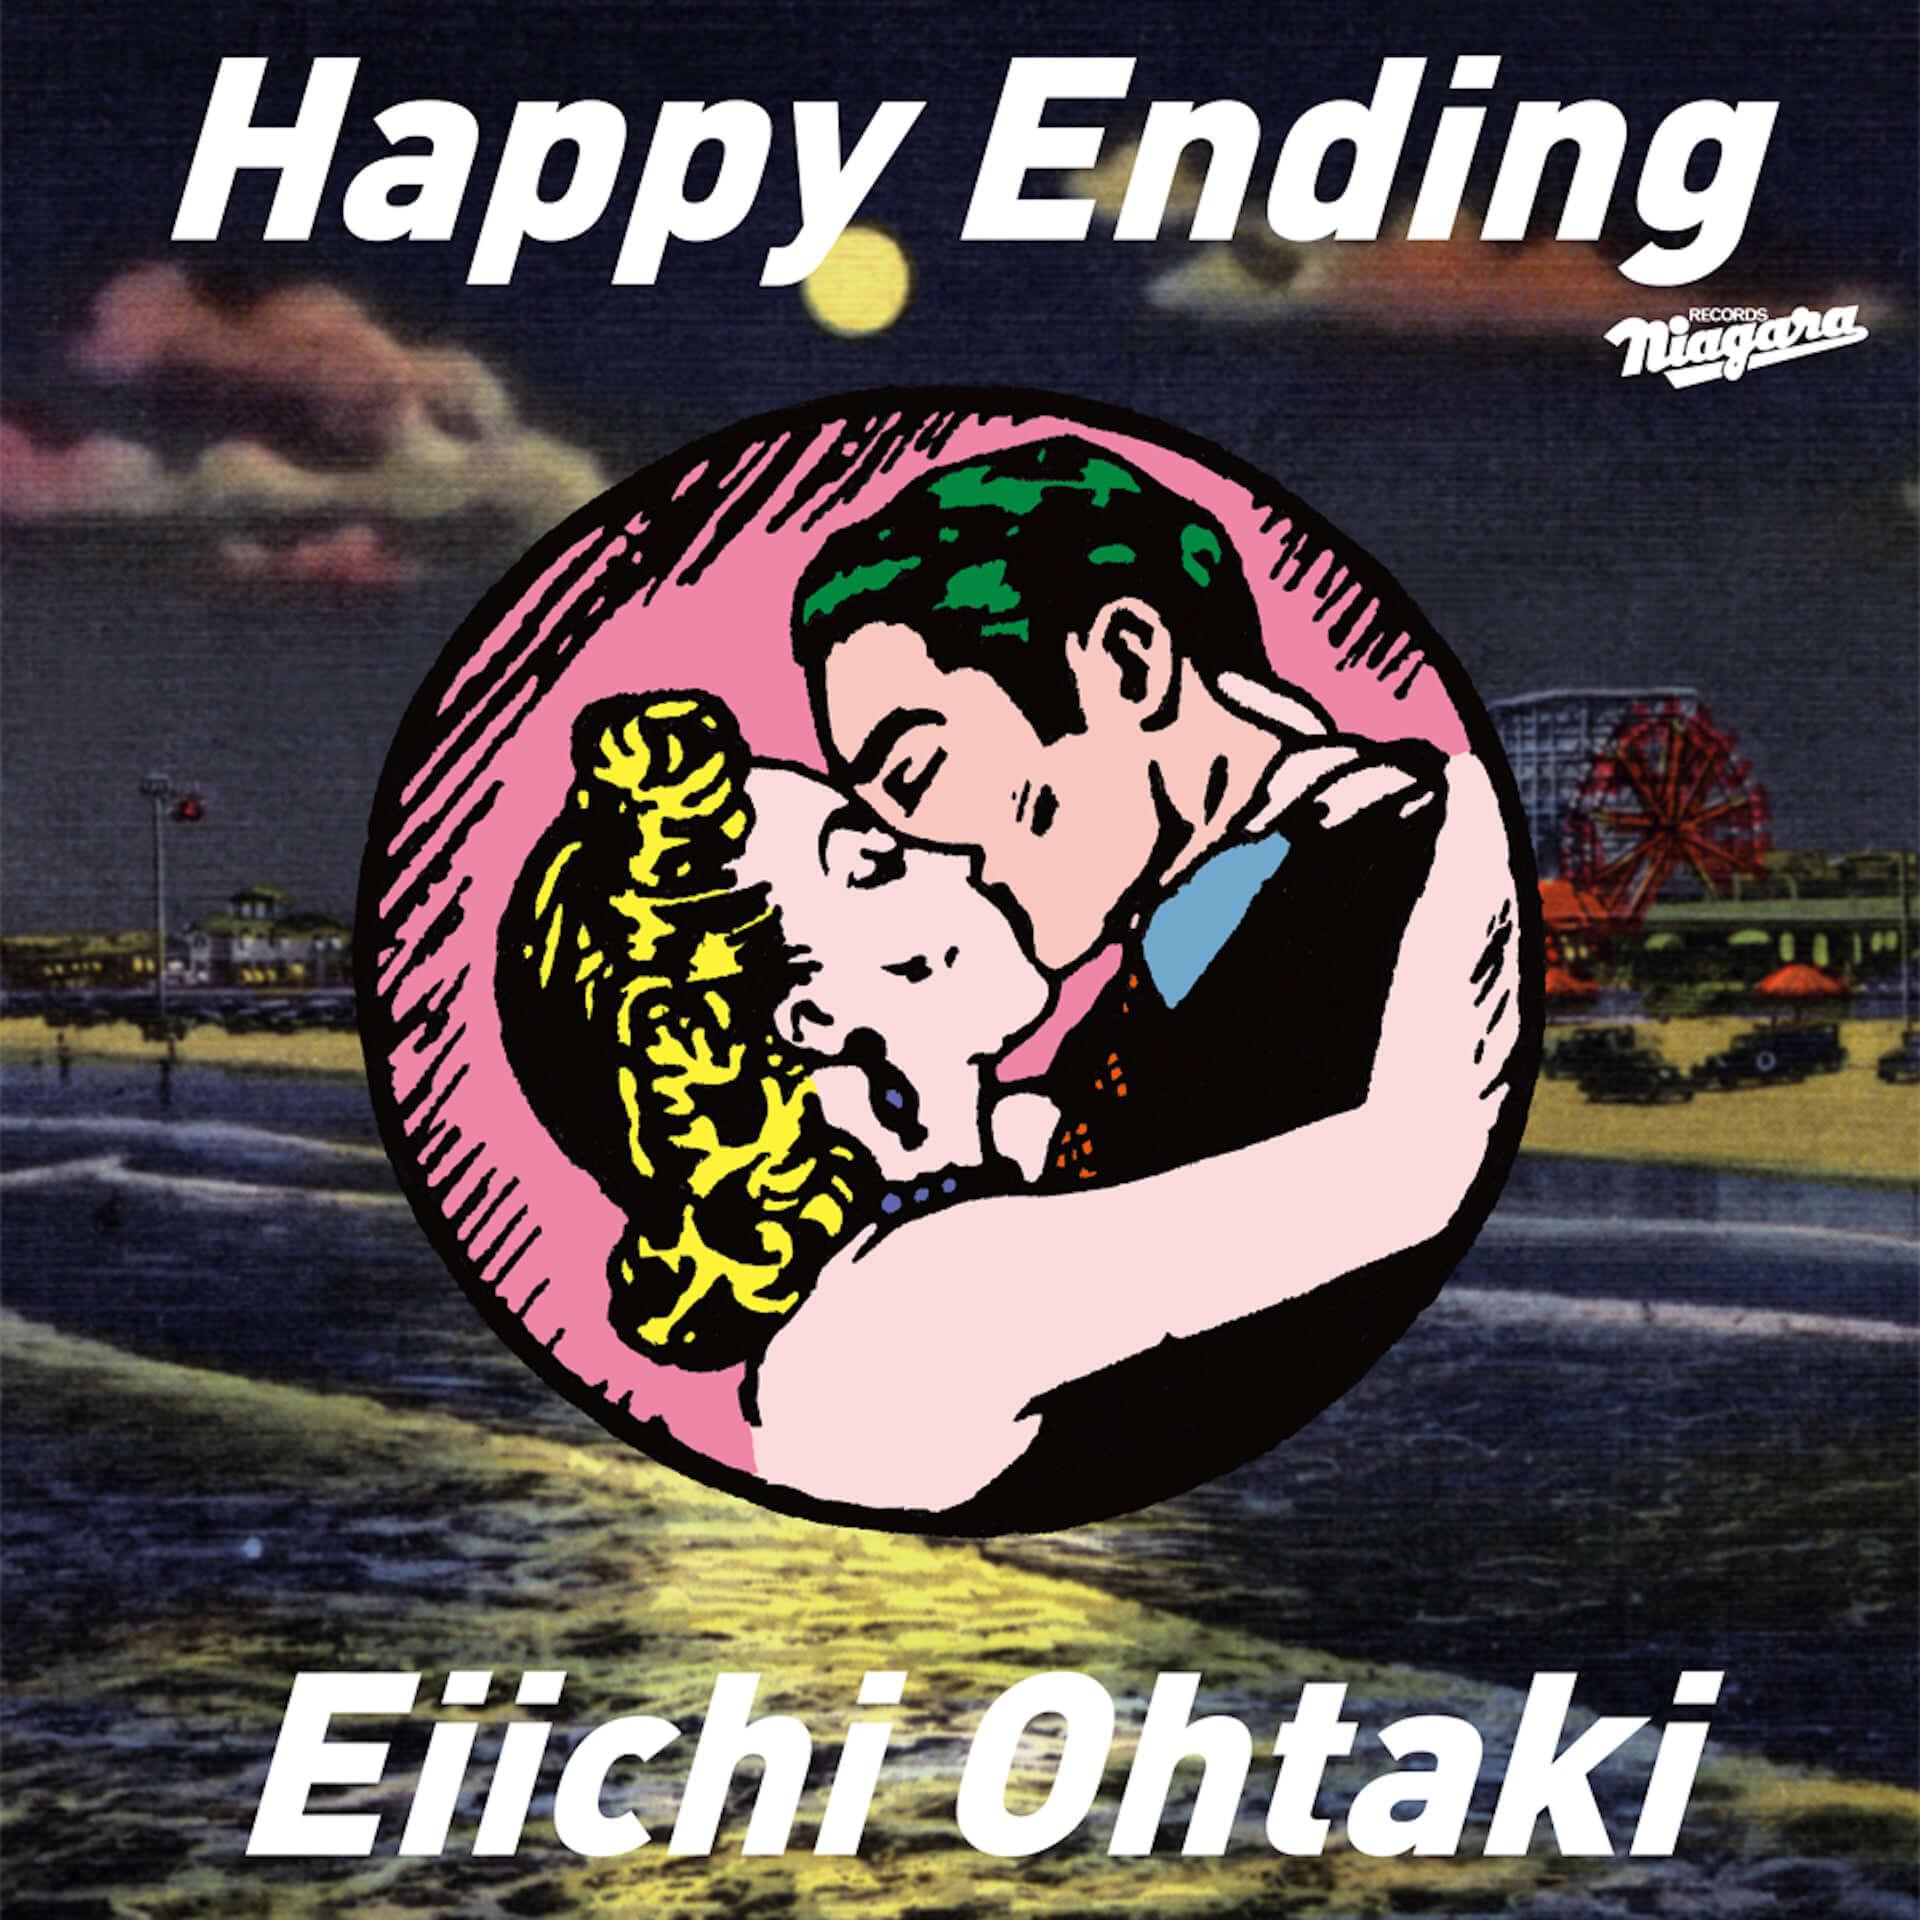 大滝詠一50周年記念アルバム『Happy Ending』のスペシャルムービーが公開!話題の未発表曲も披露 music200310_movie_1-1920x1920